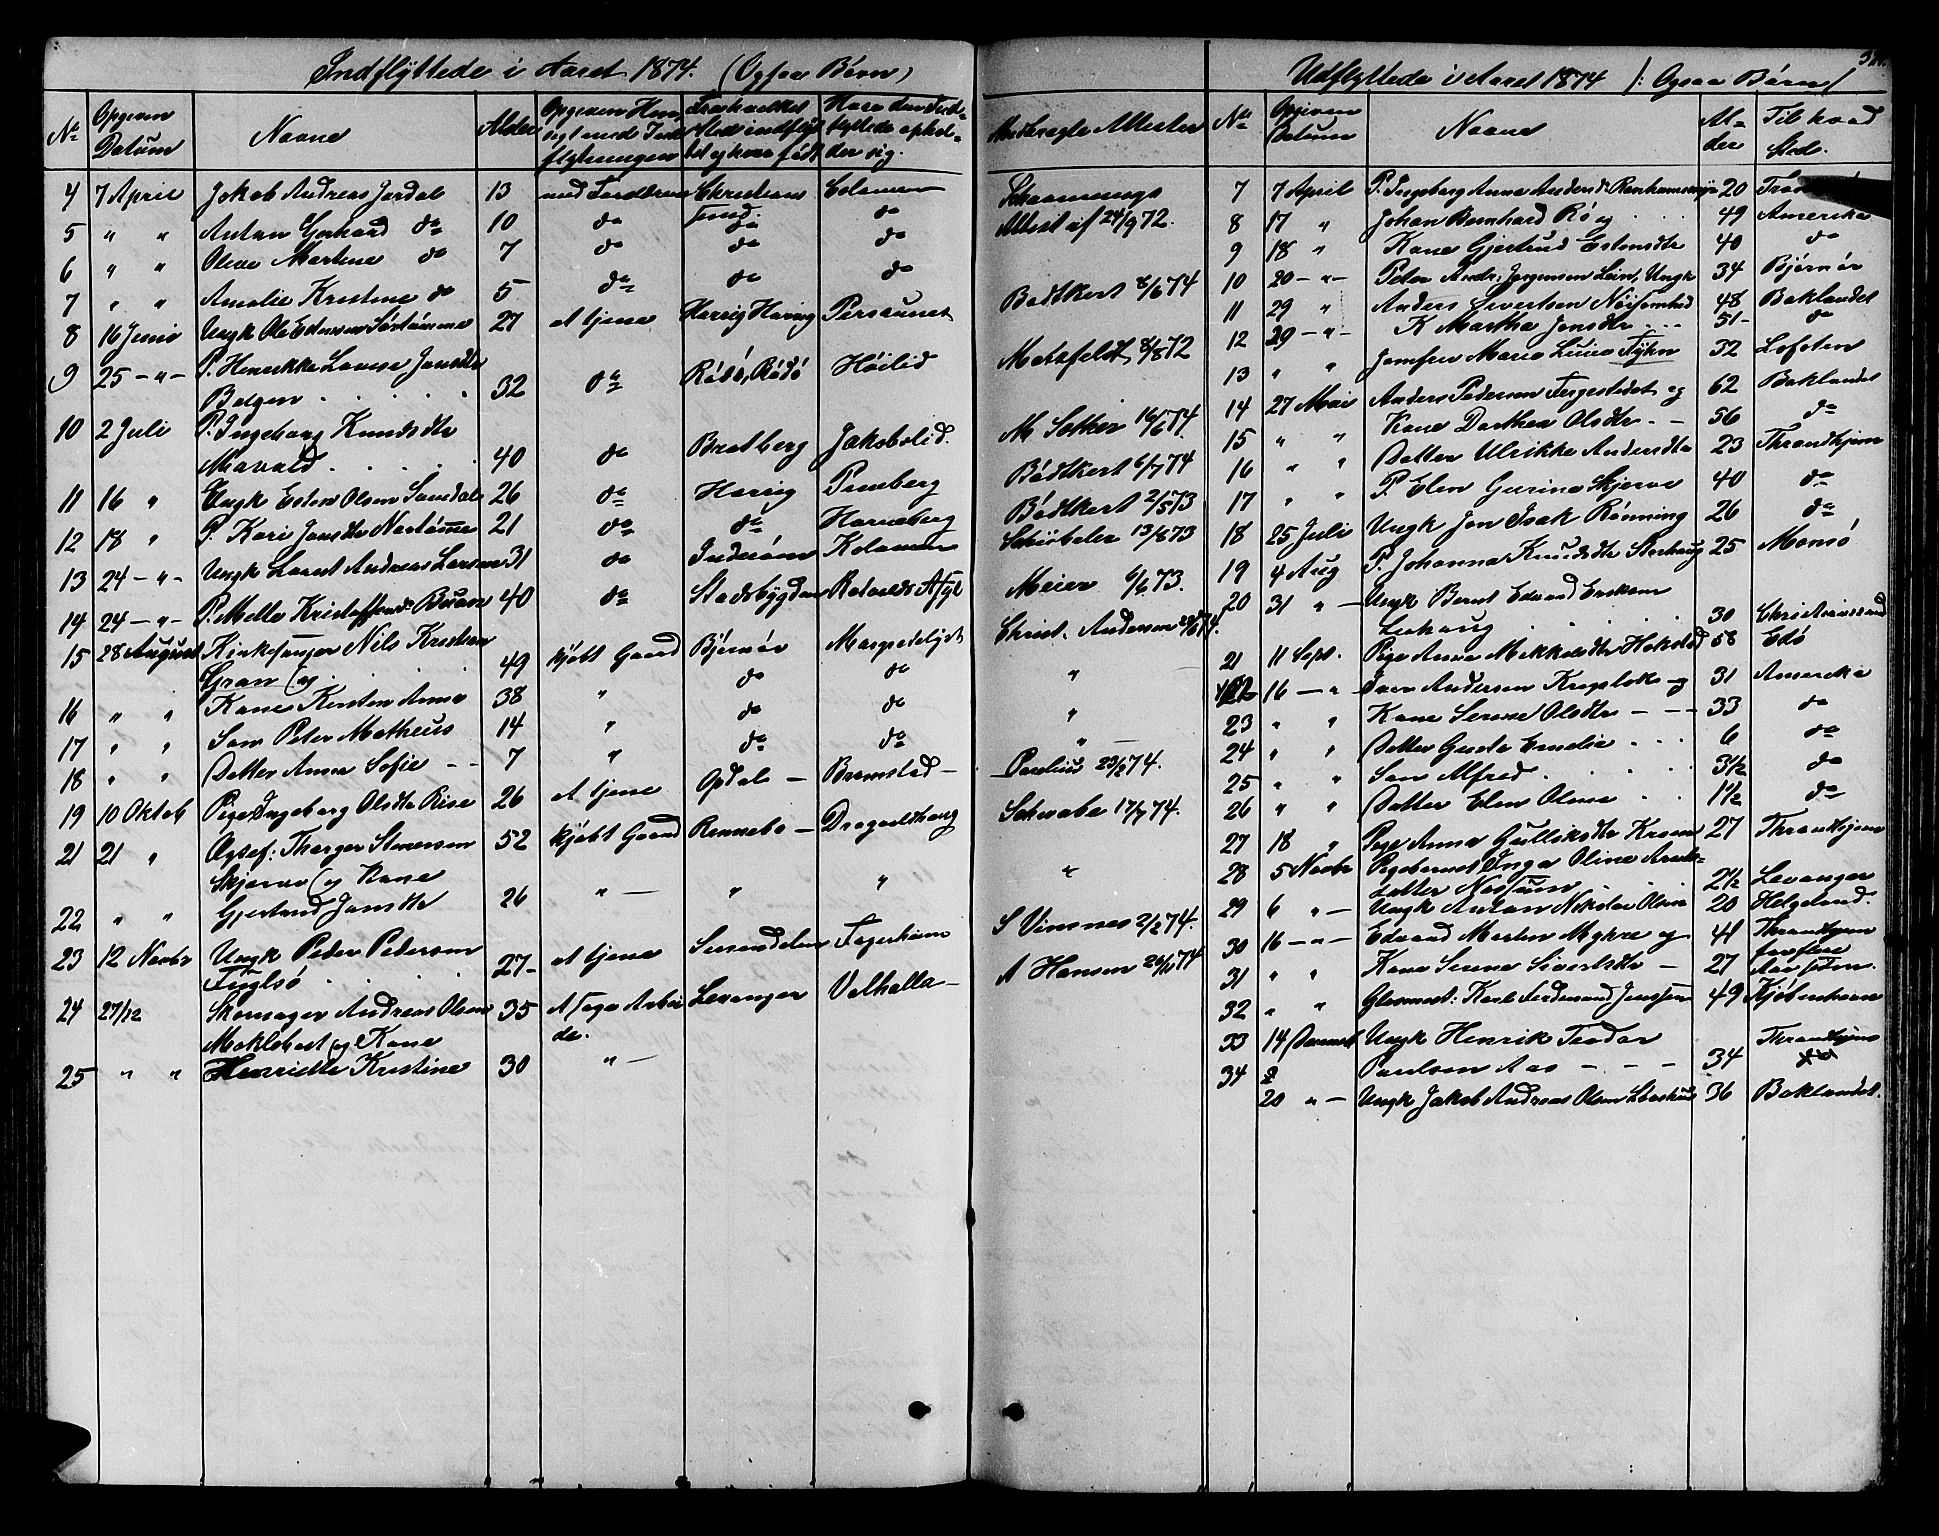 SAT, Ministerialprotokoller, klokkerbøker og fødselsregistre - Sør-Trøndelag, 606/L0311: Klokkerbok nr. 606C07, 1860-1877, s. 321